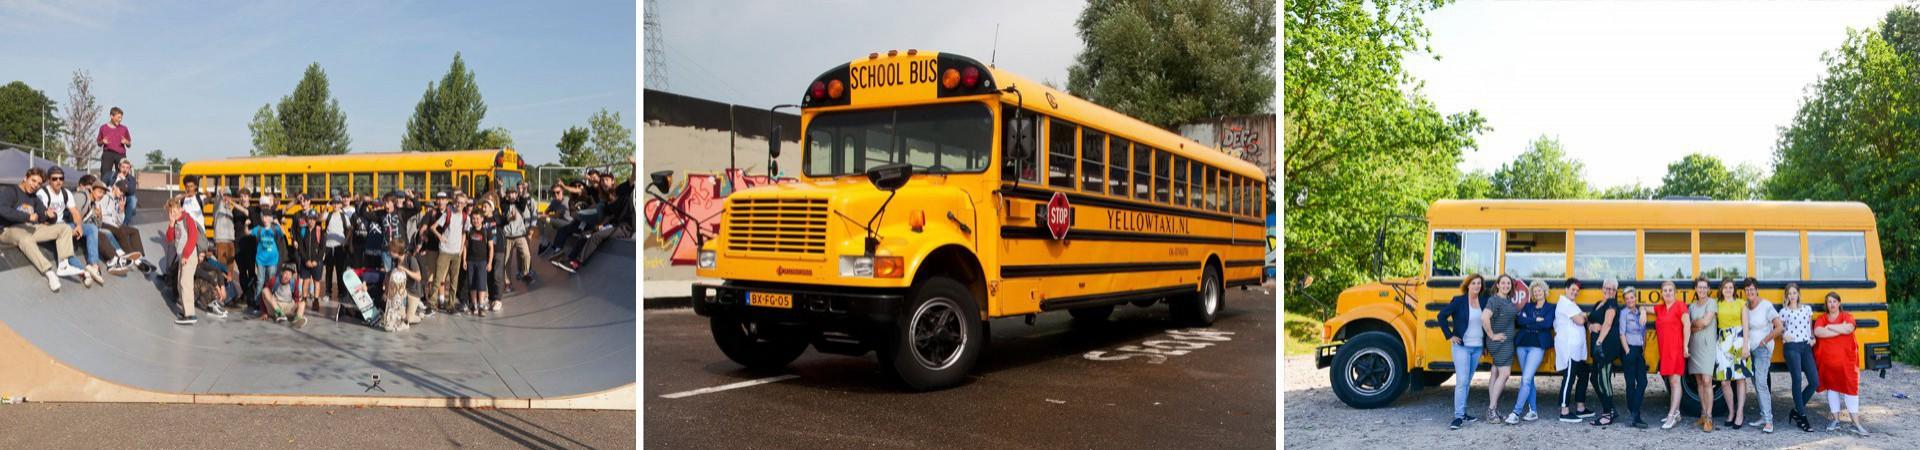 American schoolbus